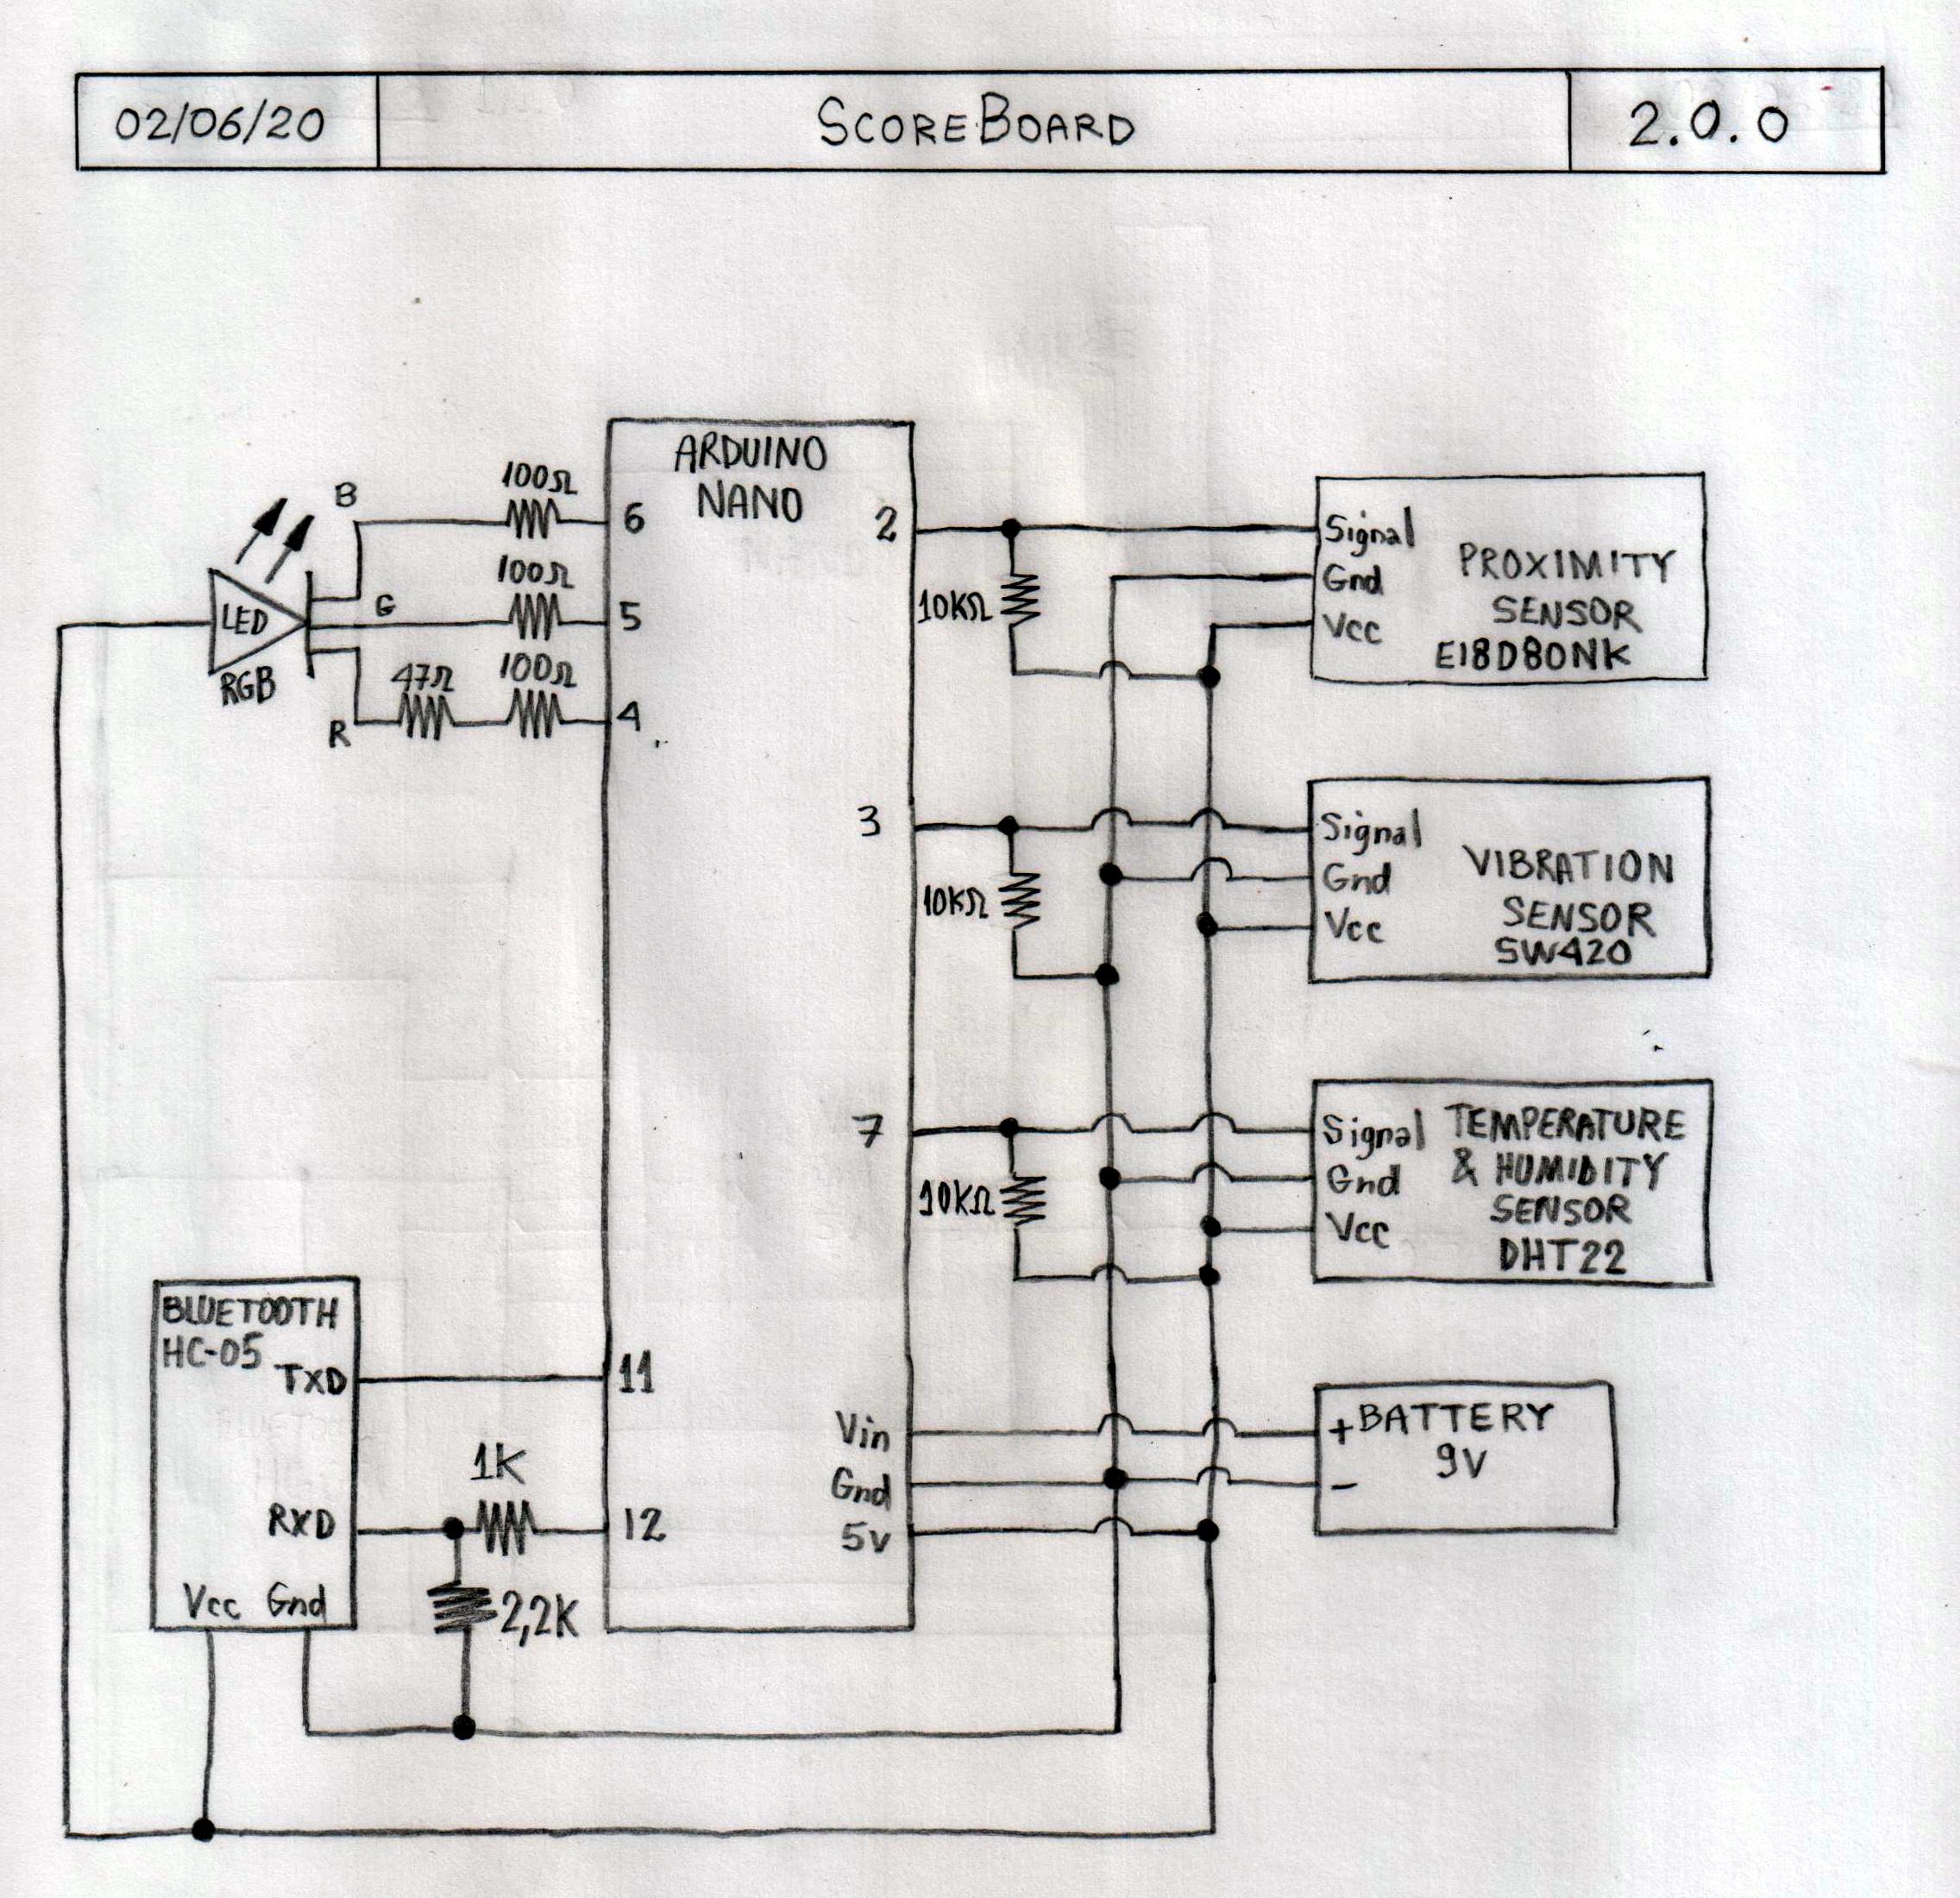 Scoreboard schematics 2 0 0 dzykqmdfz0